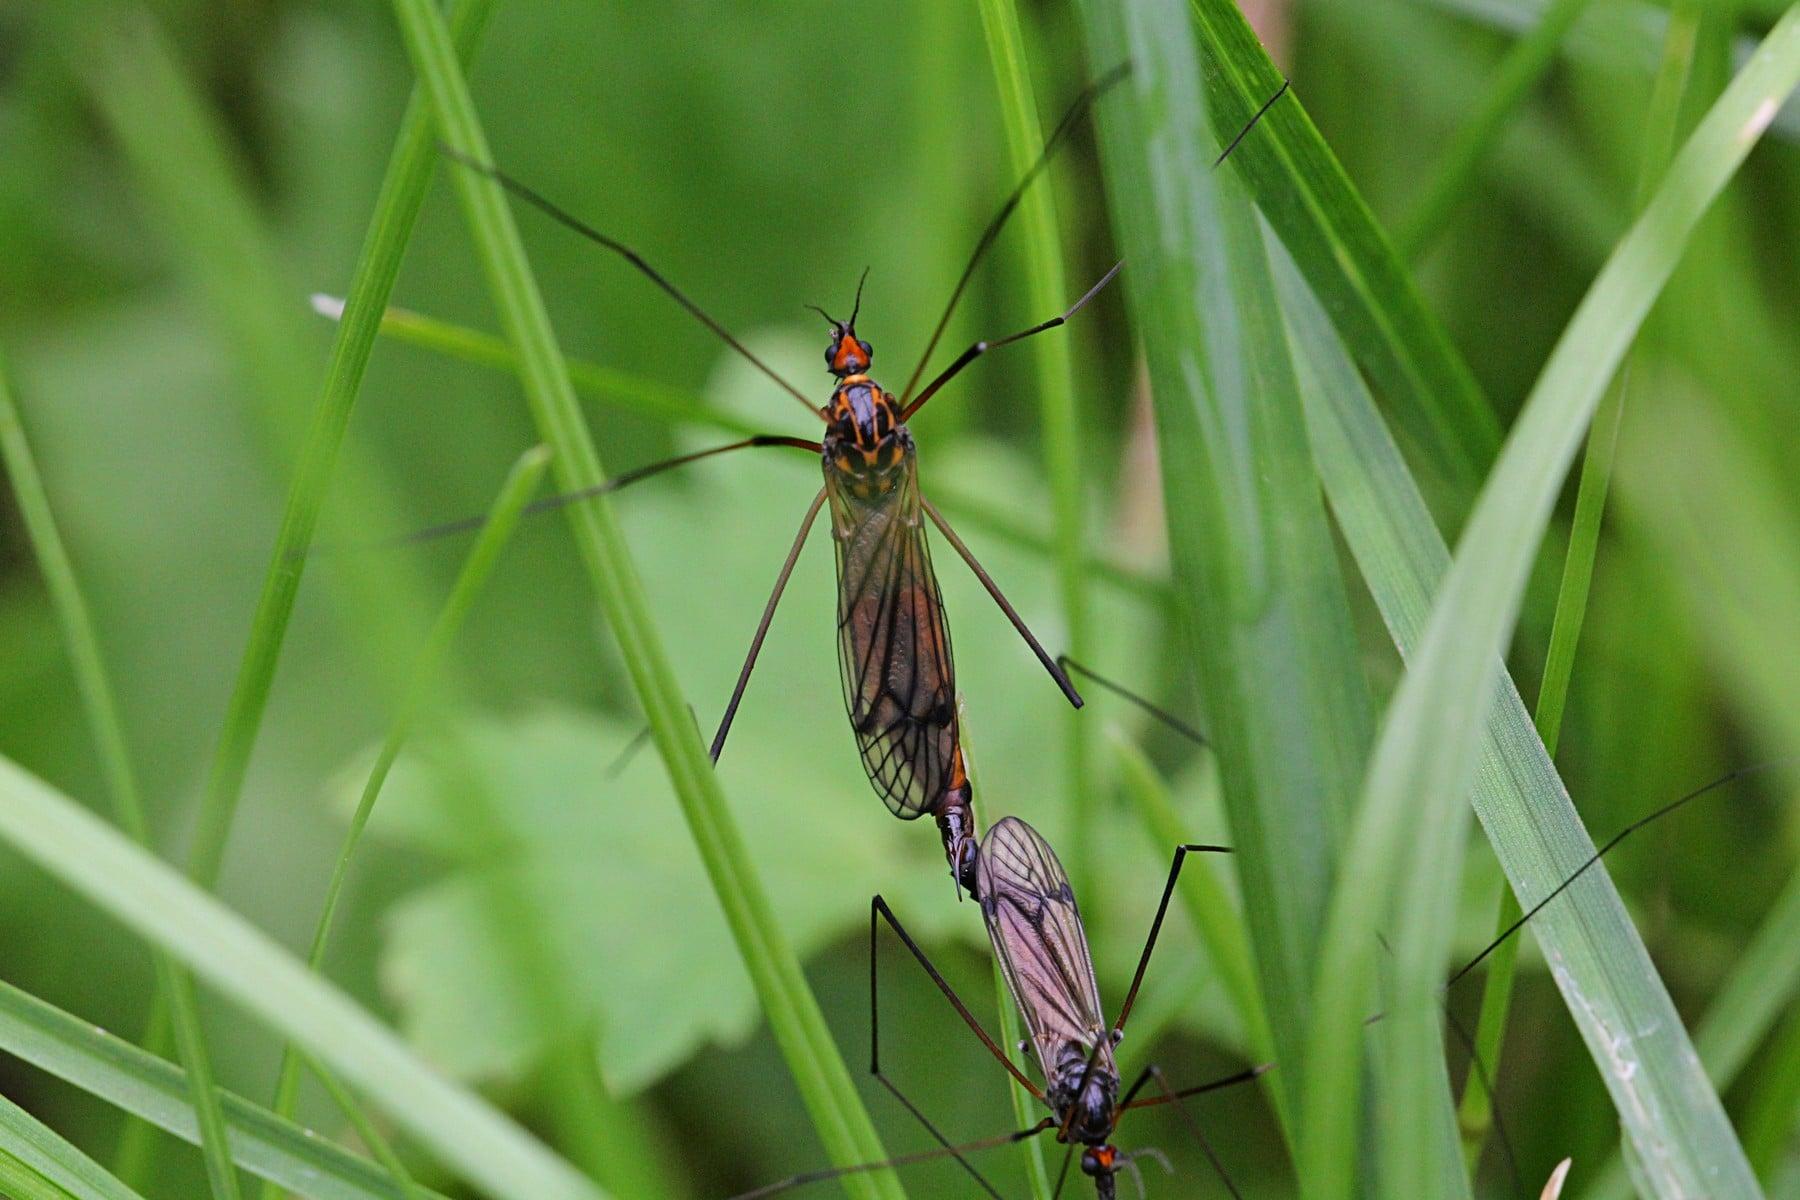 чем питаются комары на болоте